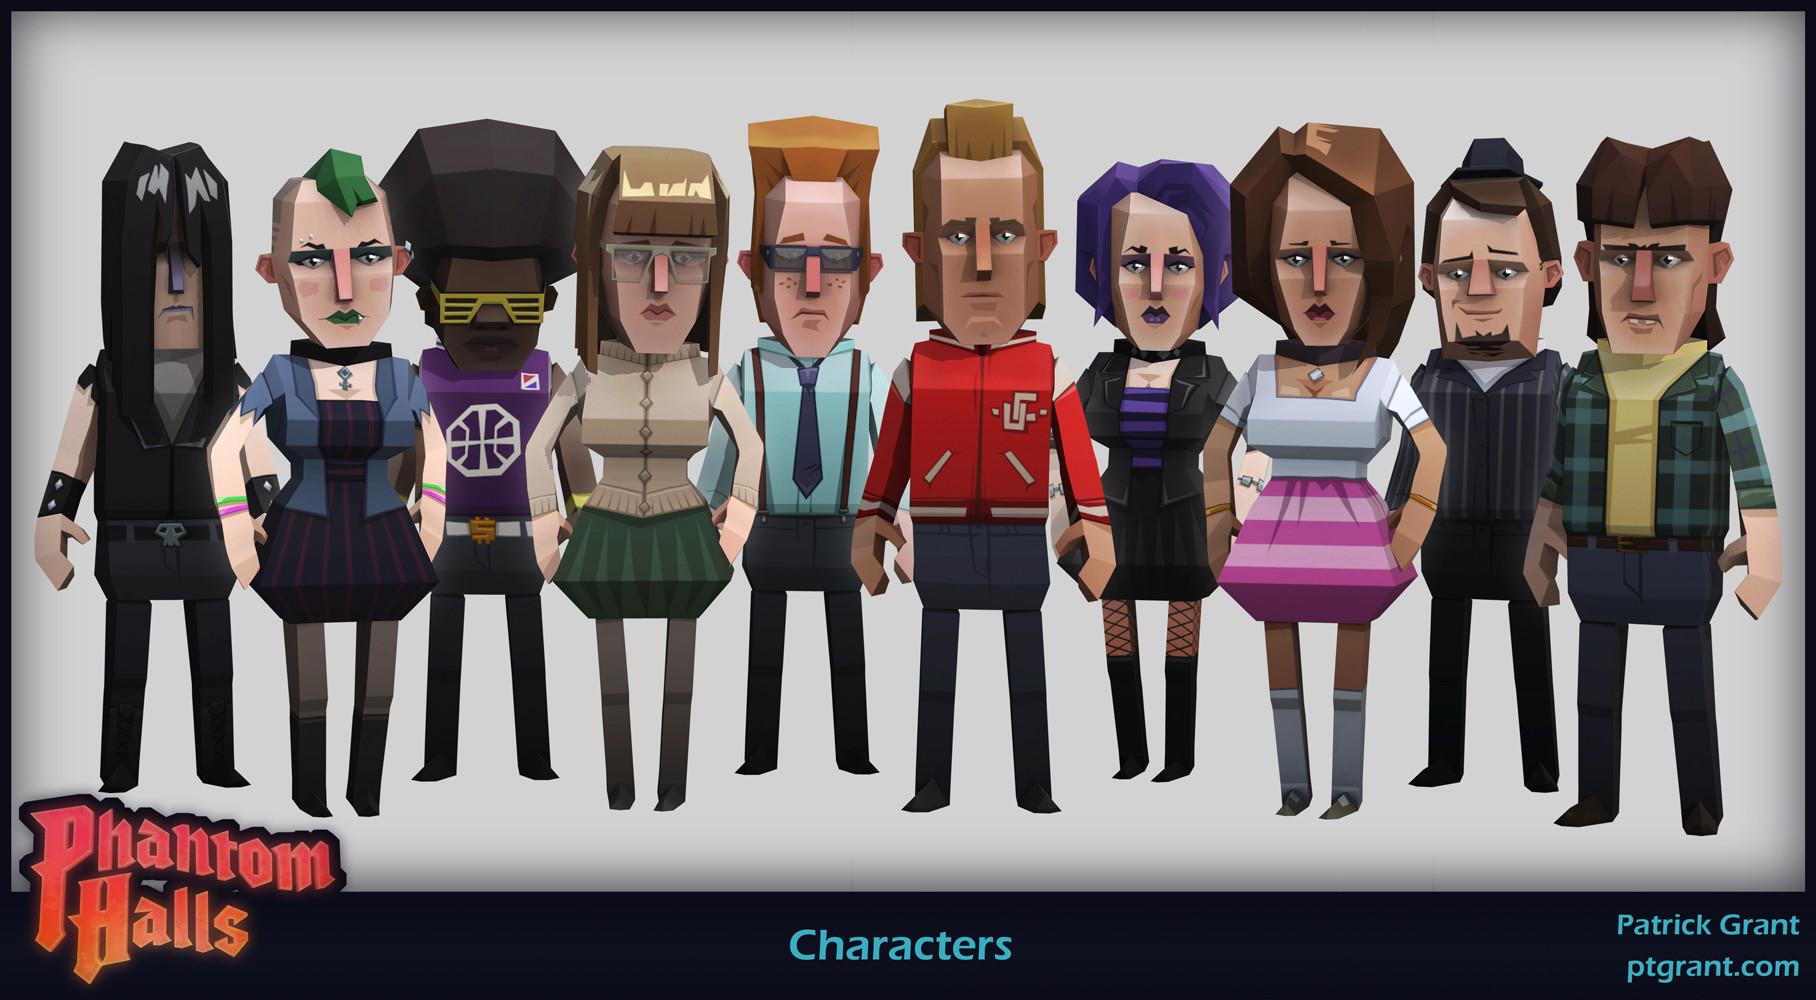 Patrick grant ph characters v2